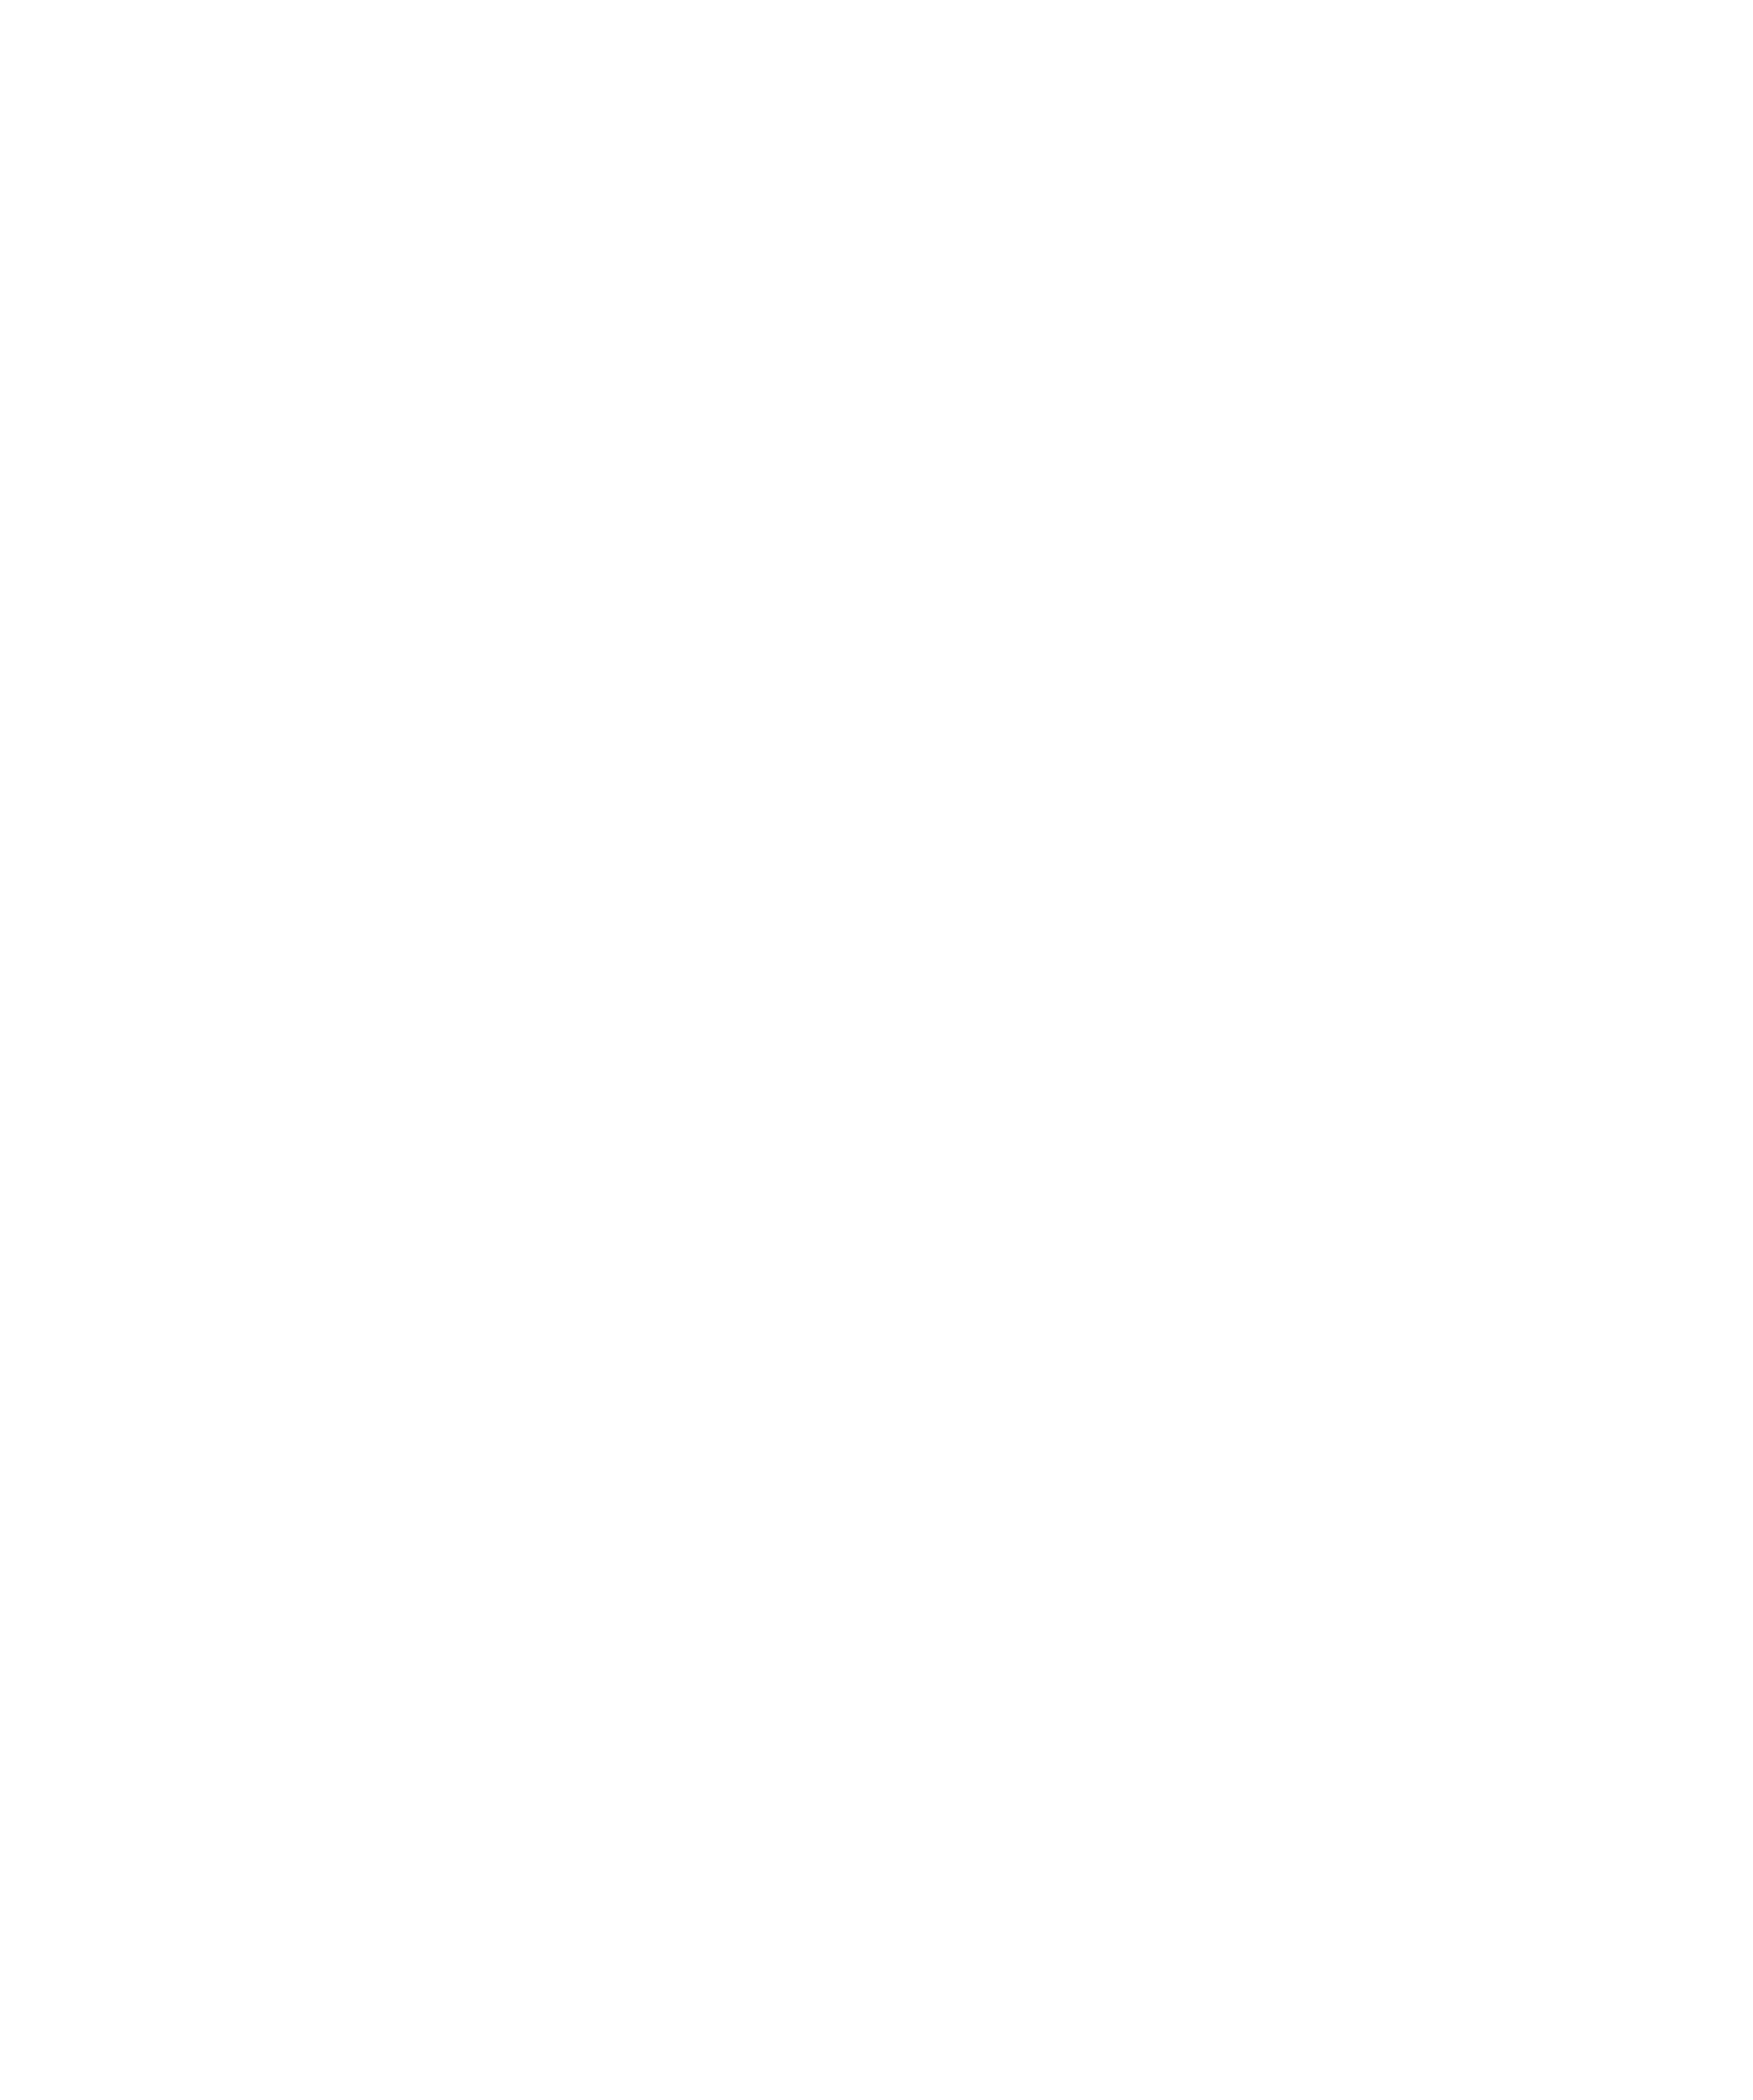 BRACCHUS